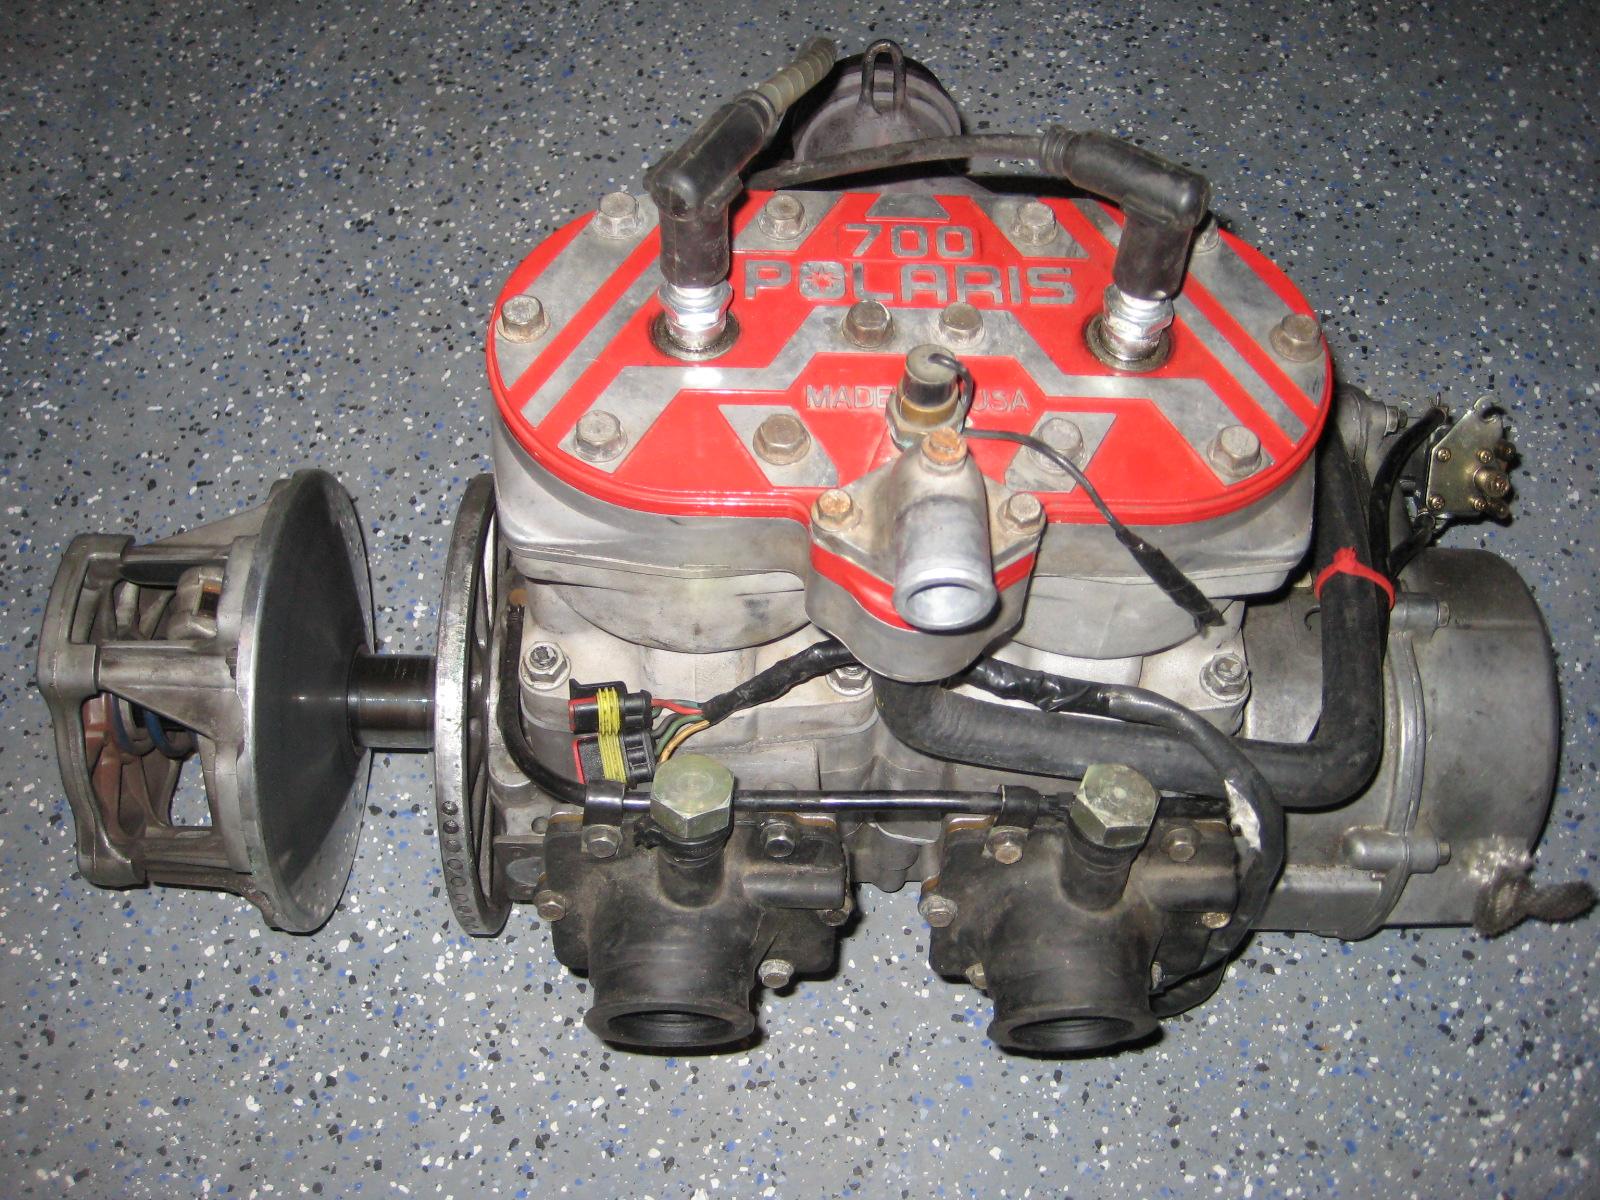 1998 Polaris 700 Twin Motor